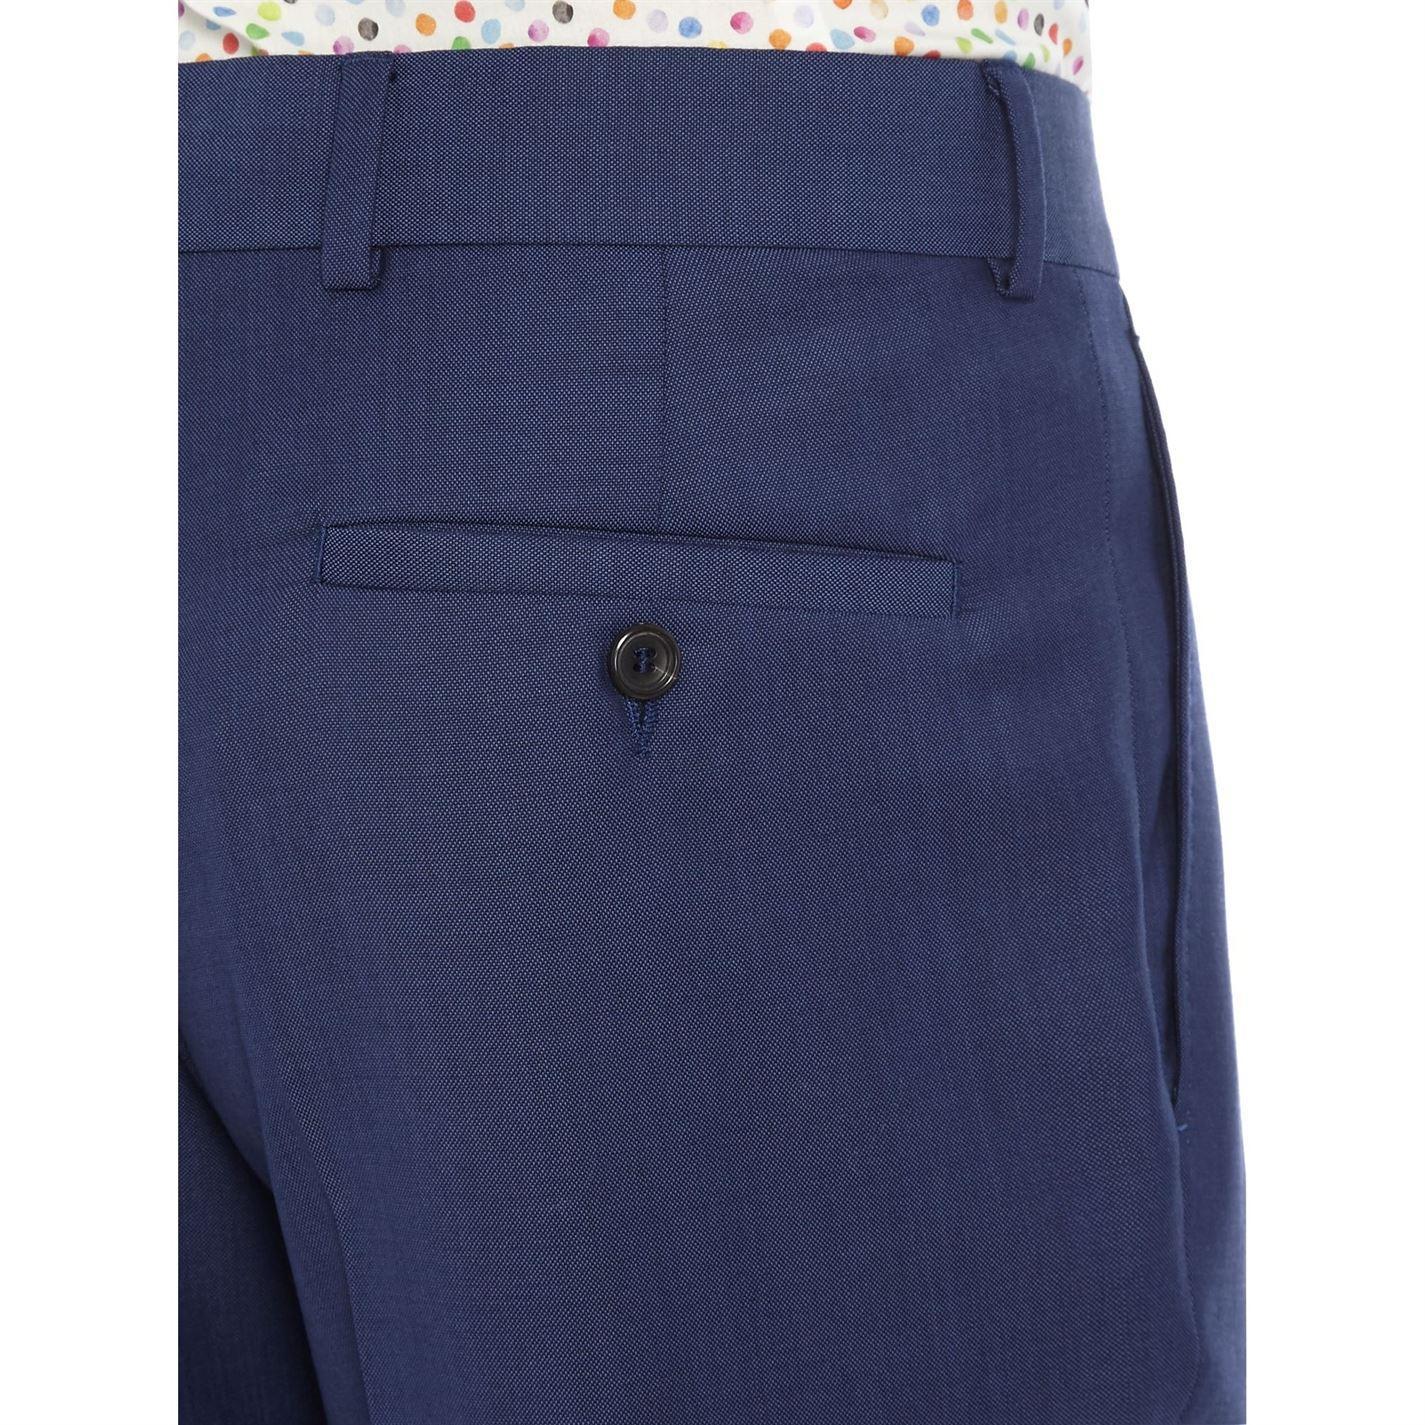 Simon Carter Wool Tonic Croker Suit Trouser in Blue for Men